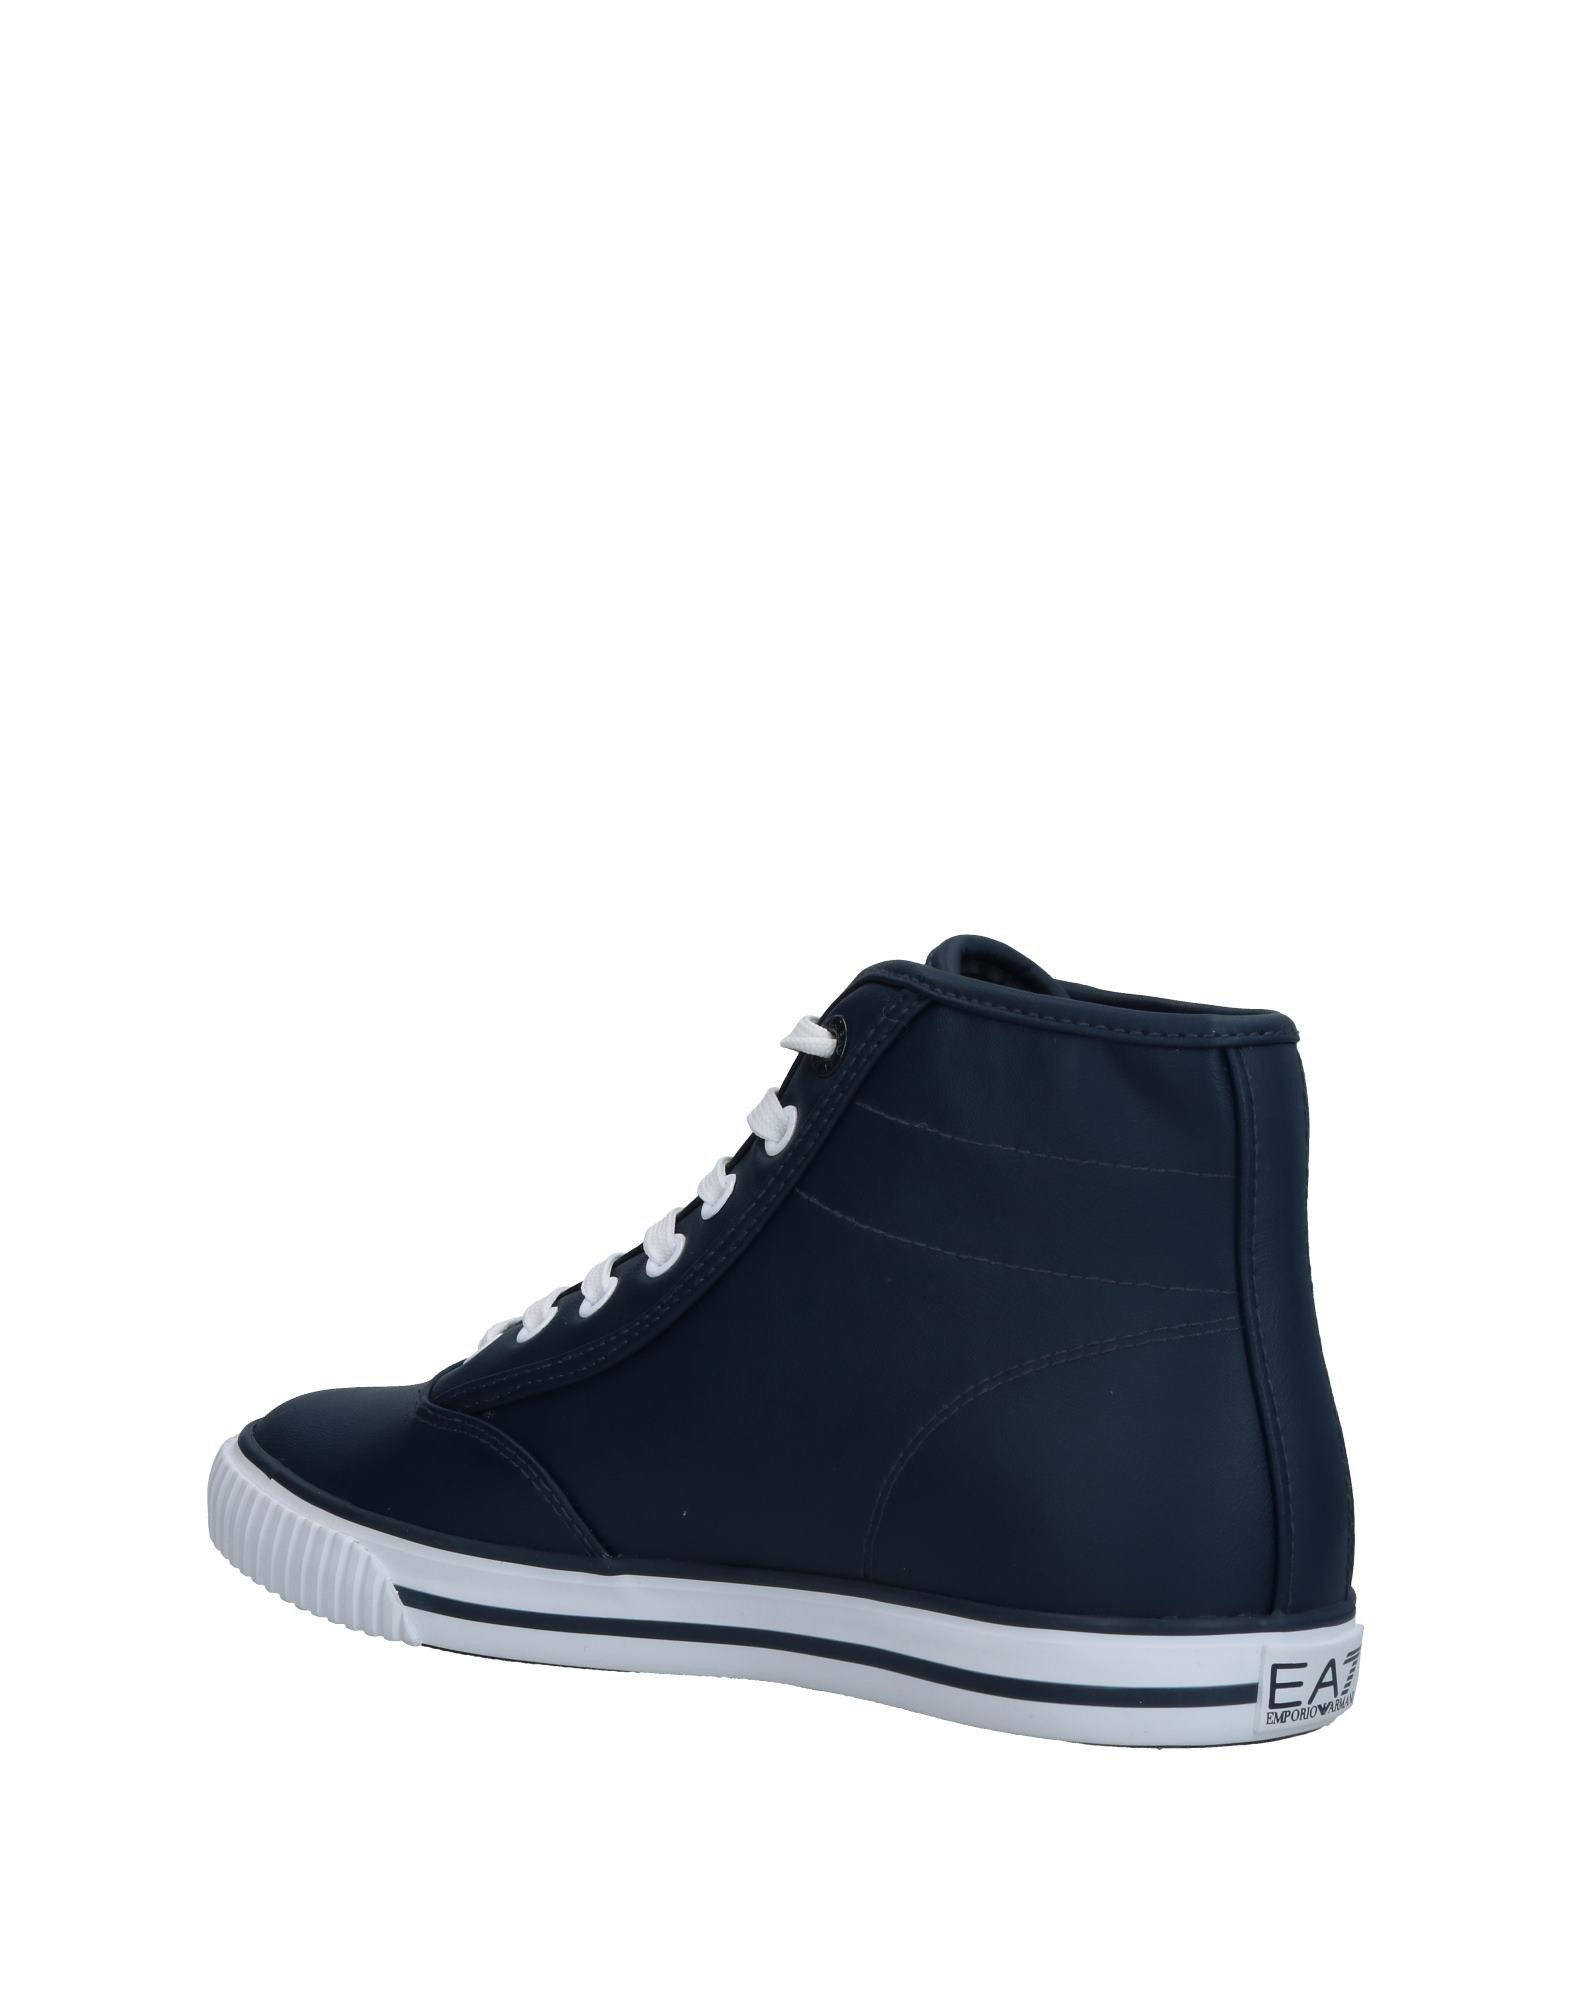 Ea7 Sneakers Herren   Herren 11417280HH 3d3736